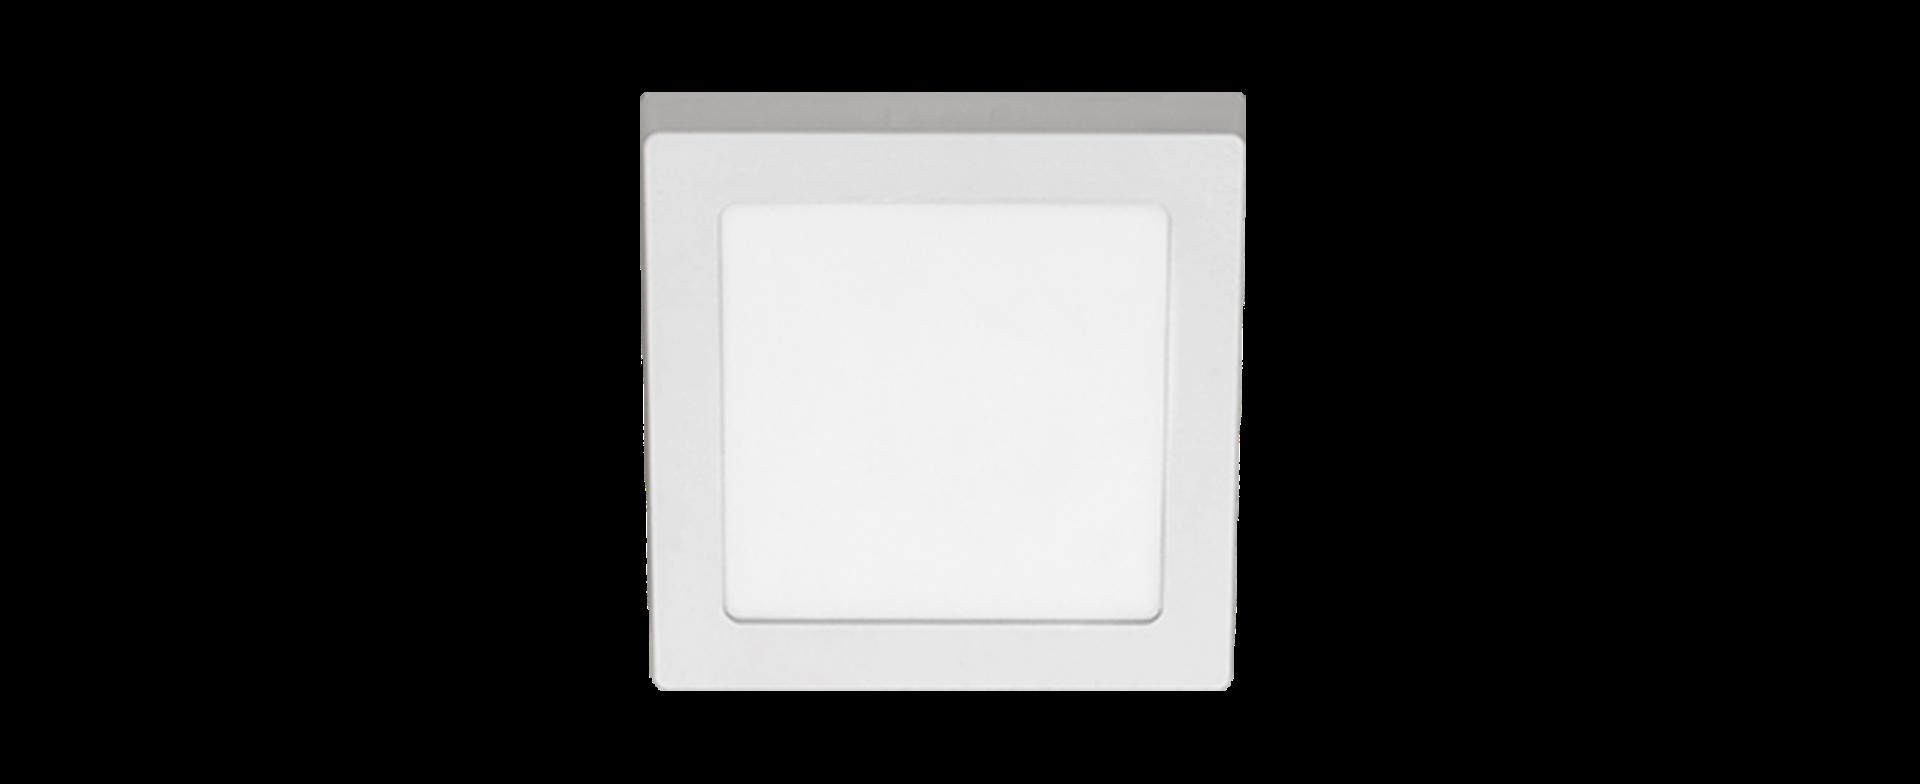 Painel de Sobrepor Quadrado LED 24W 4000K Bivolt STH8964Q/40 - Stella Design